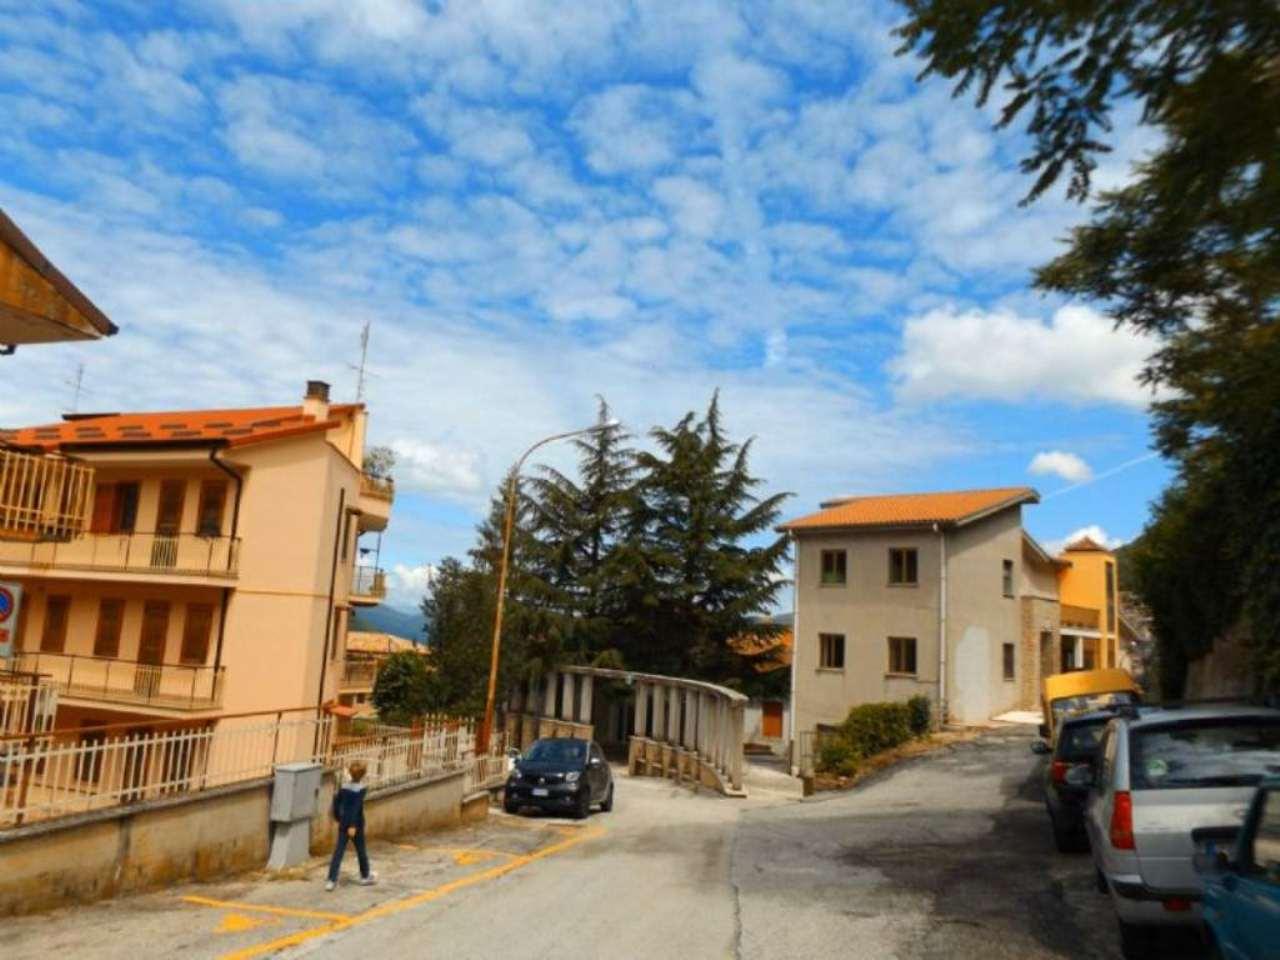 Appartamento in vendita a Paganico Sabino, 3 locali, prezzo € 56.000 | Cambio Casa.it